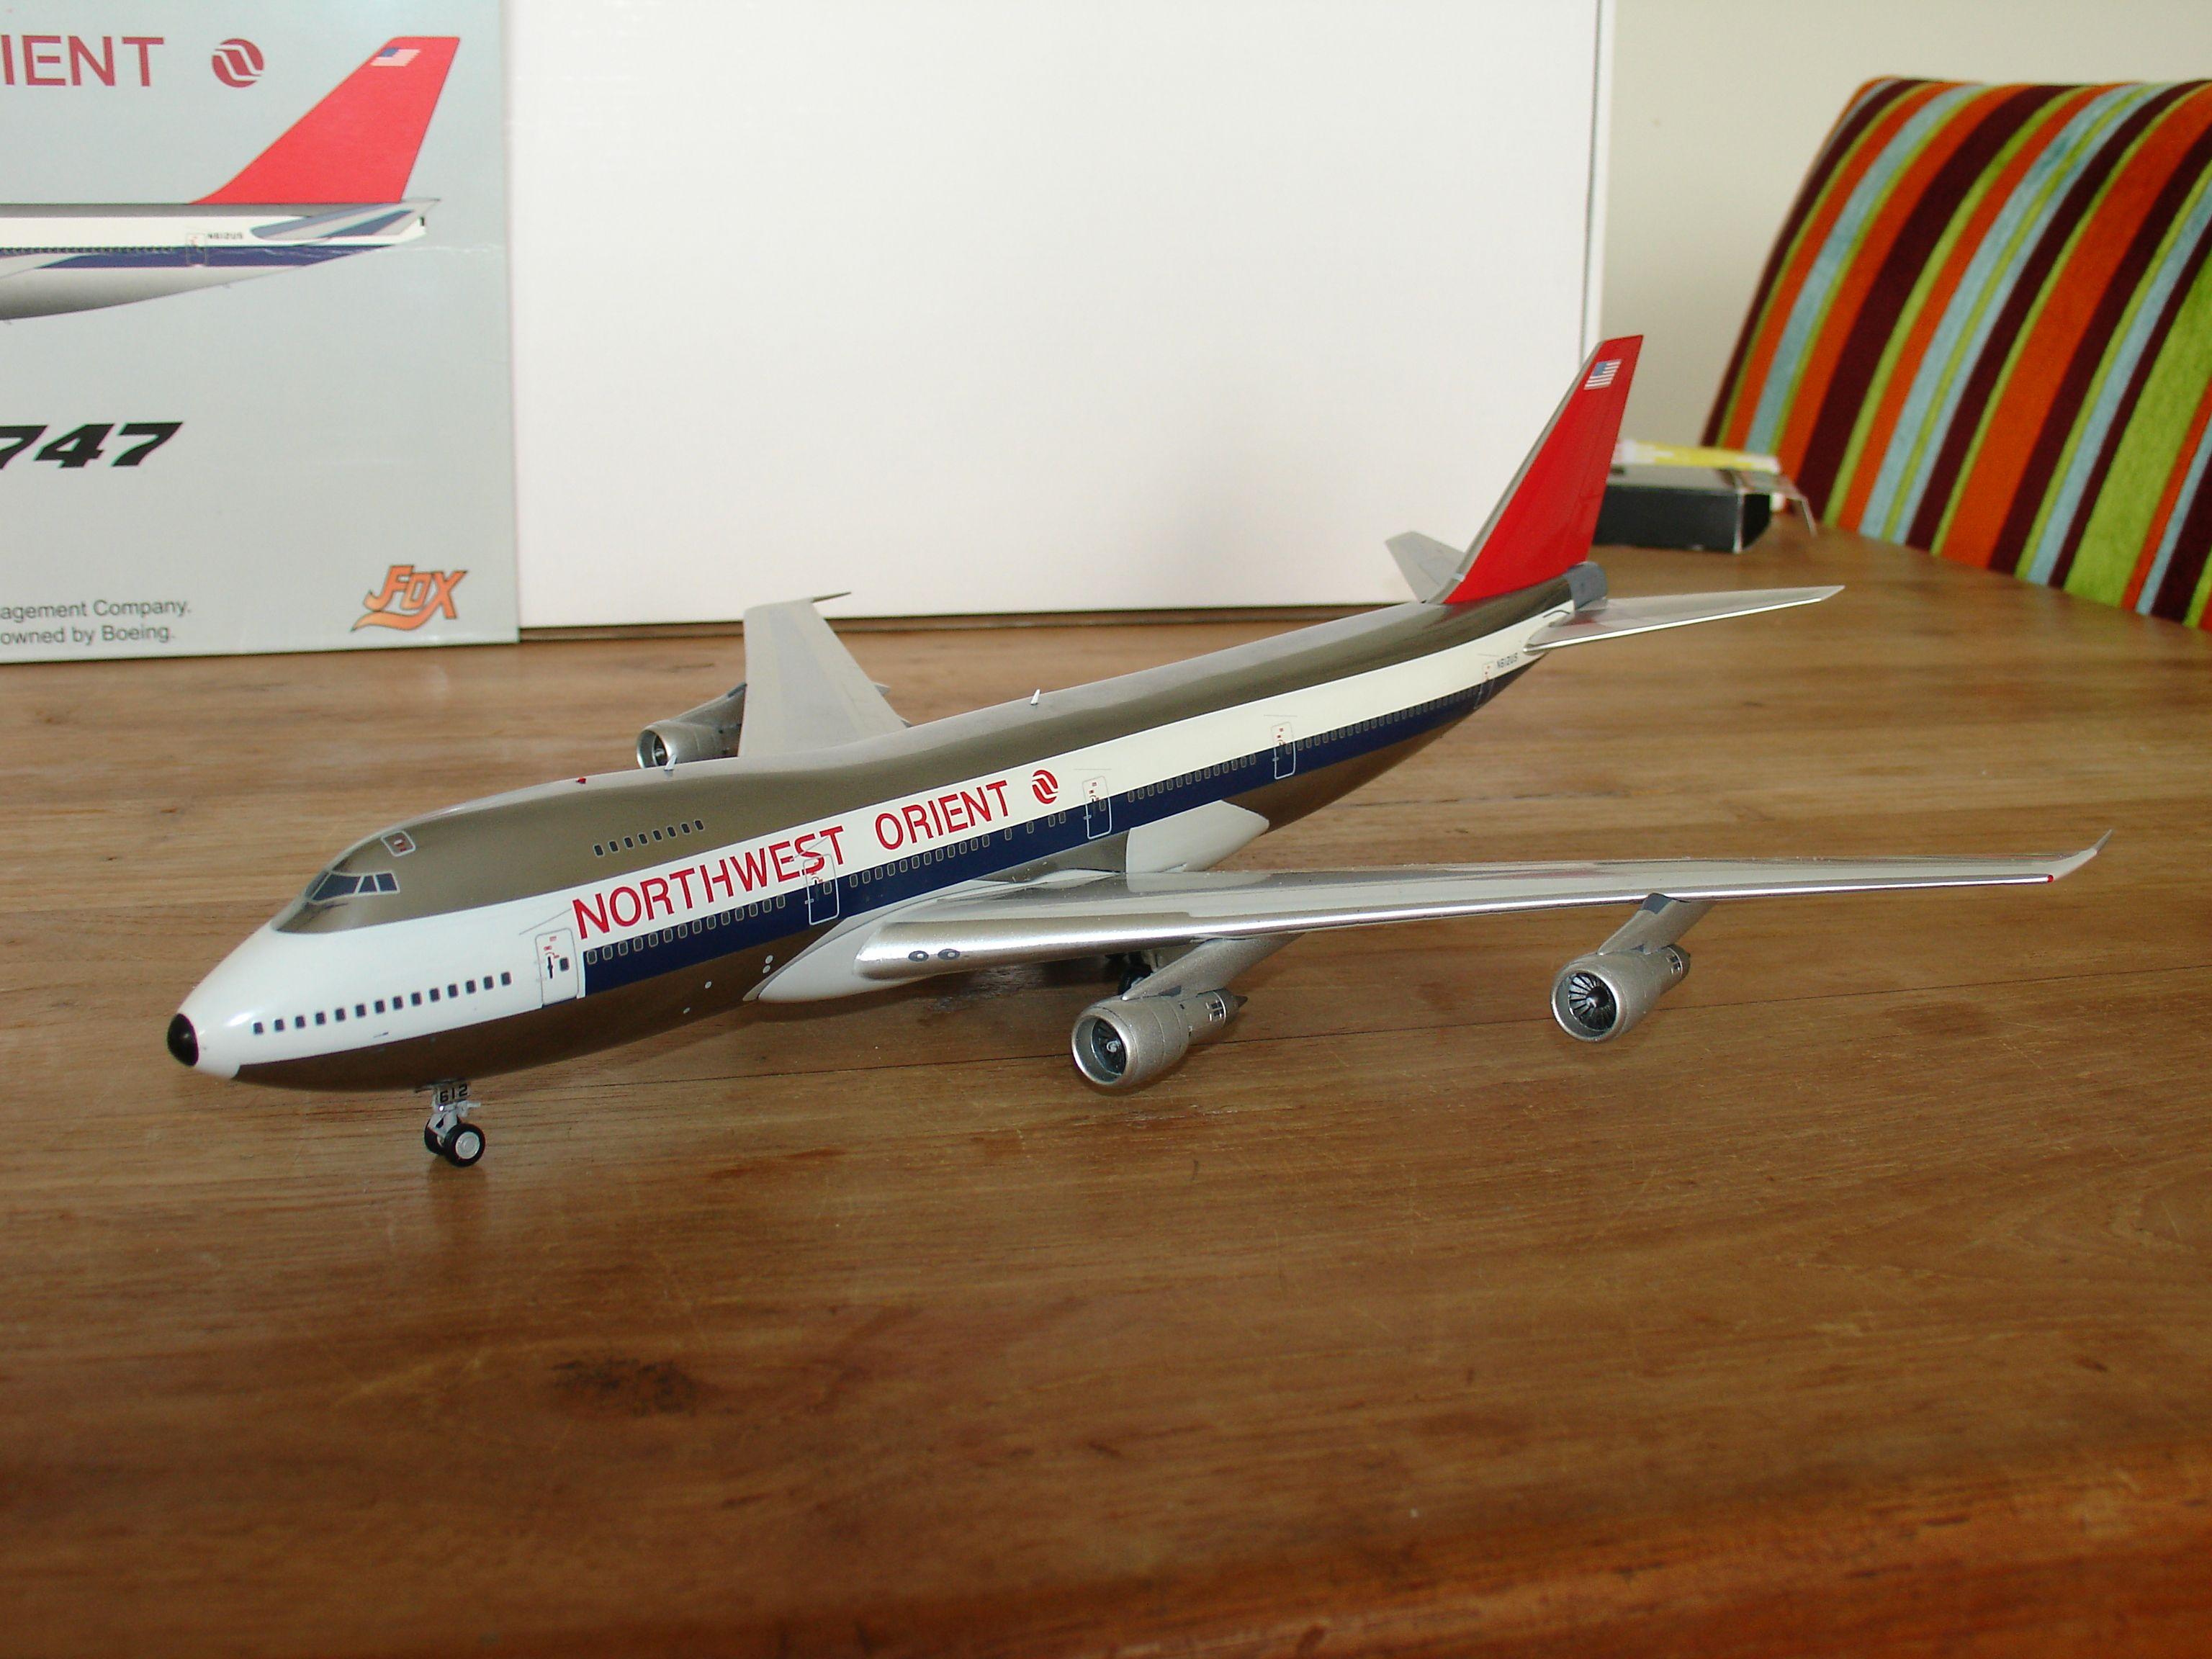 X Plane 11 Default 747 400 Liveries